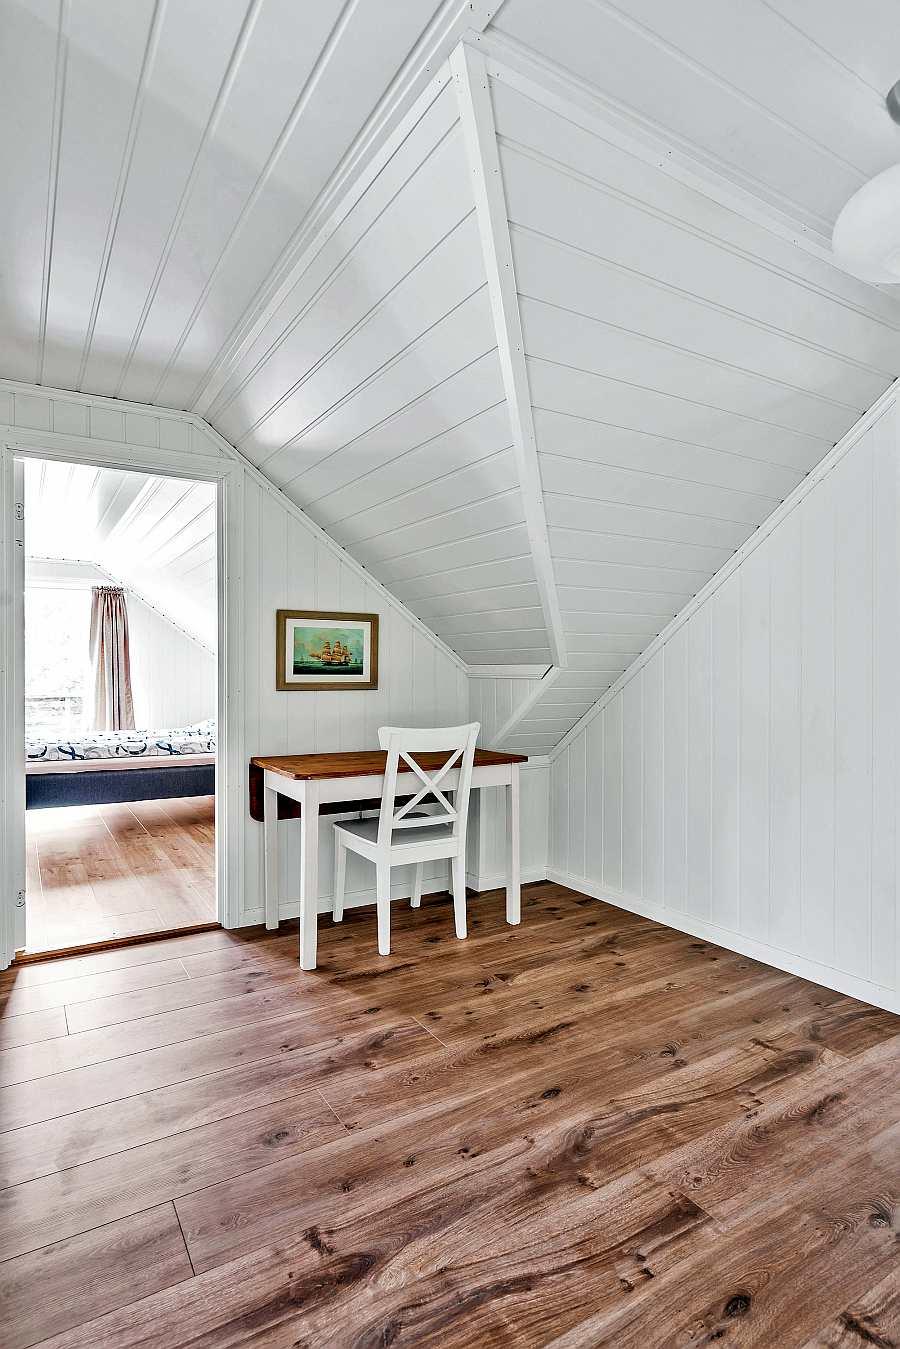 Flur im Obergeschoss mit Zugang zu Schlafzimmern